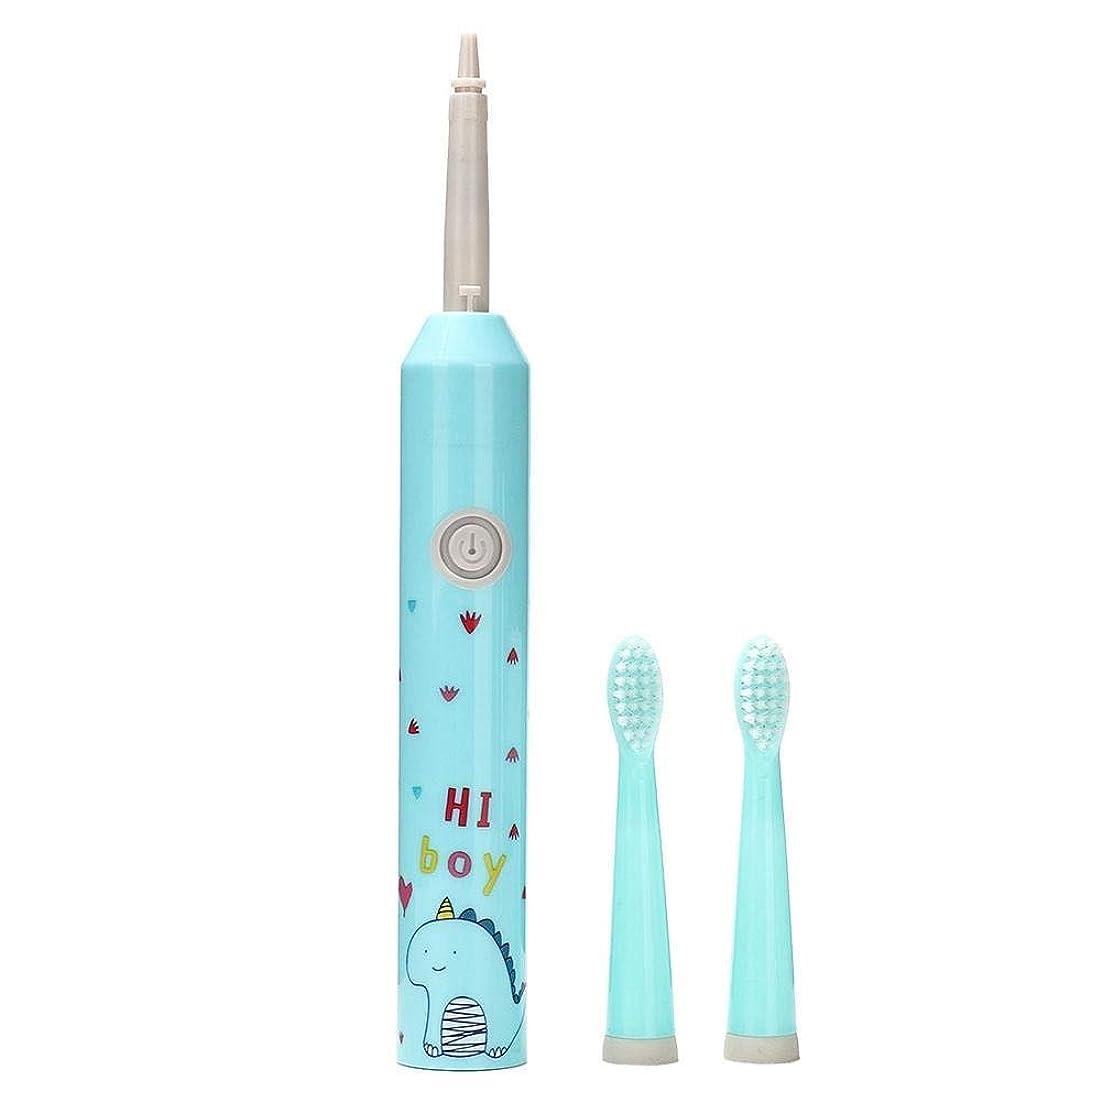 皮こねる旅行電動歯ブラシ、自動タイマーおよび精密きれいなブラシの頭部との再充電可能な歯ブラシの深いクリーニング口頭ヘルスケアのための大人および子供のための最も長い60日電池(青)